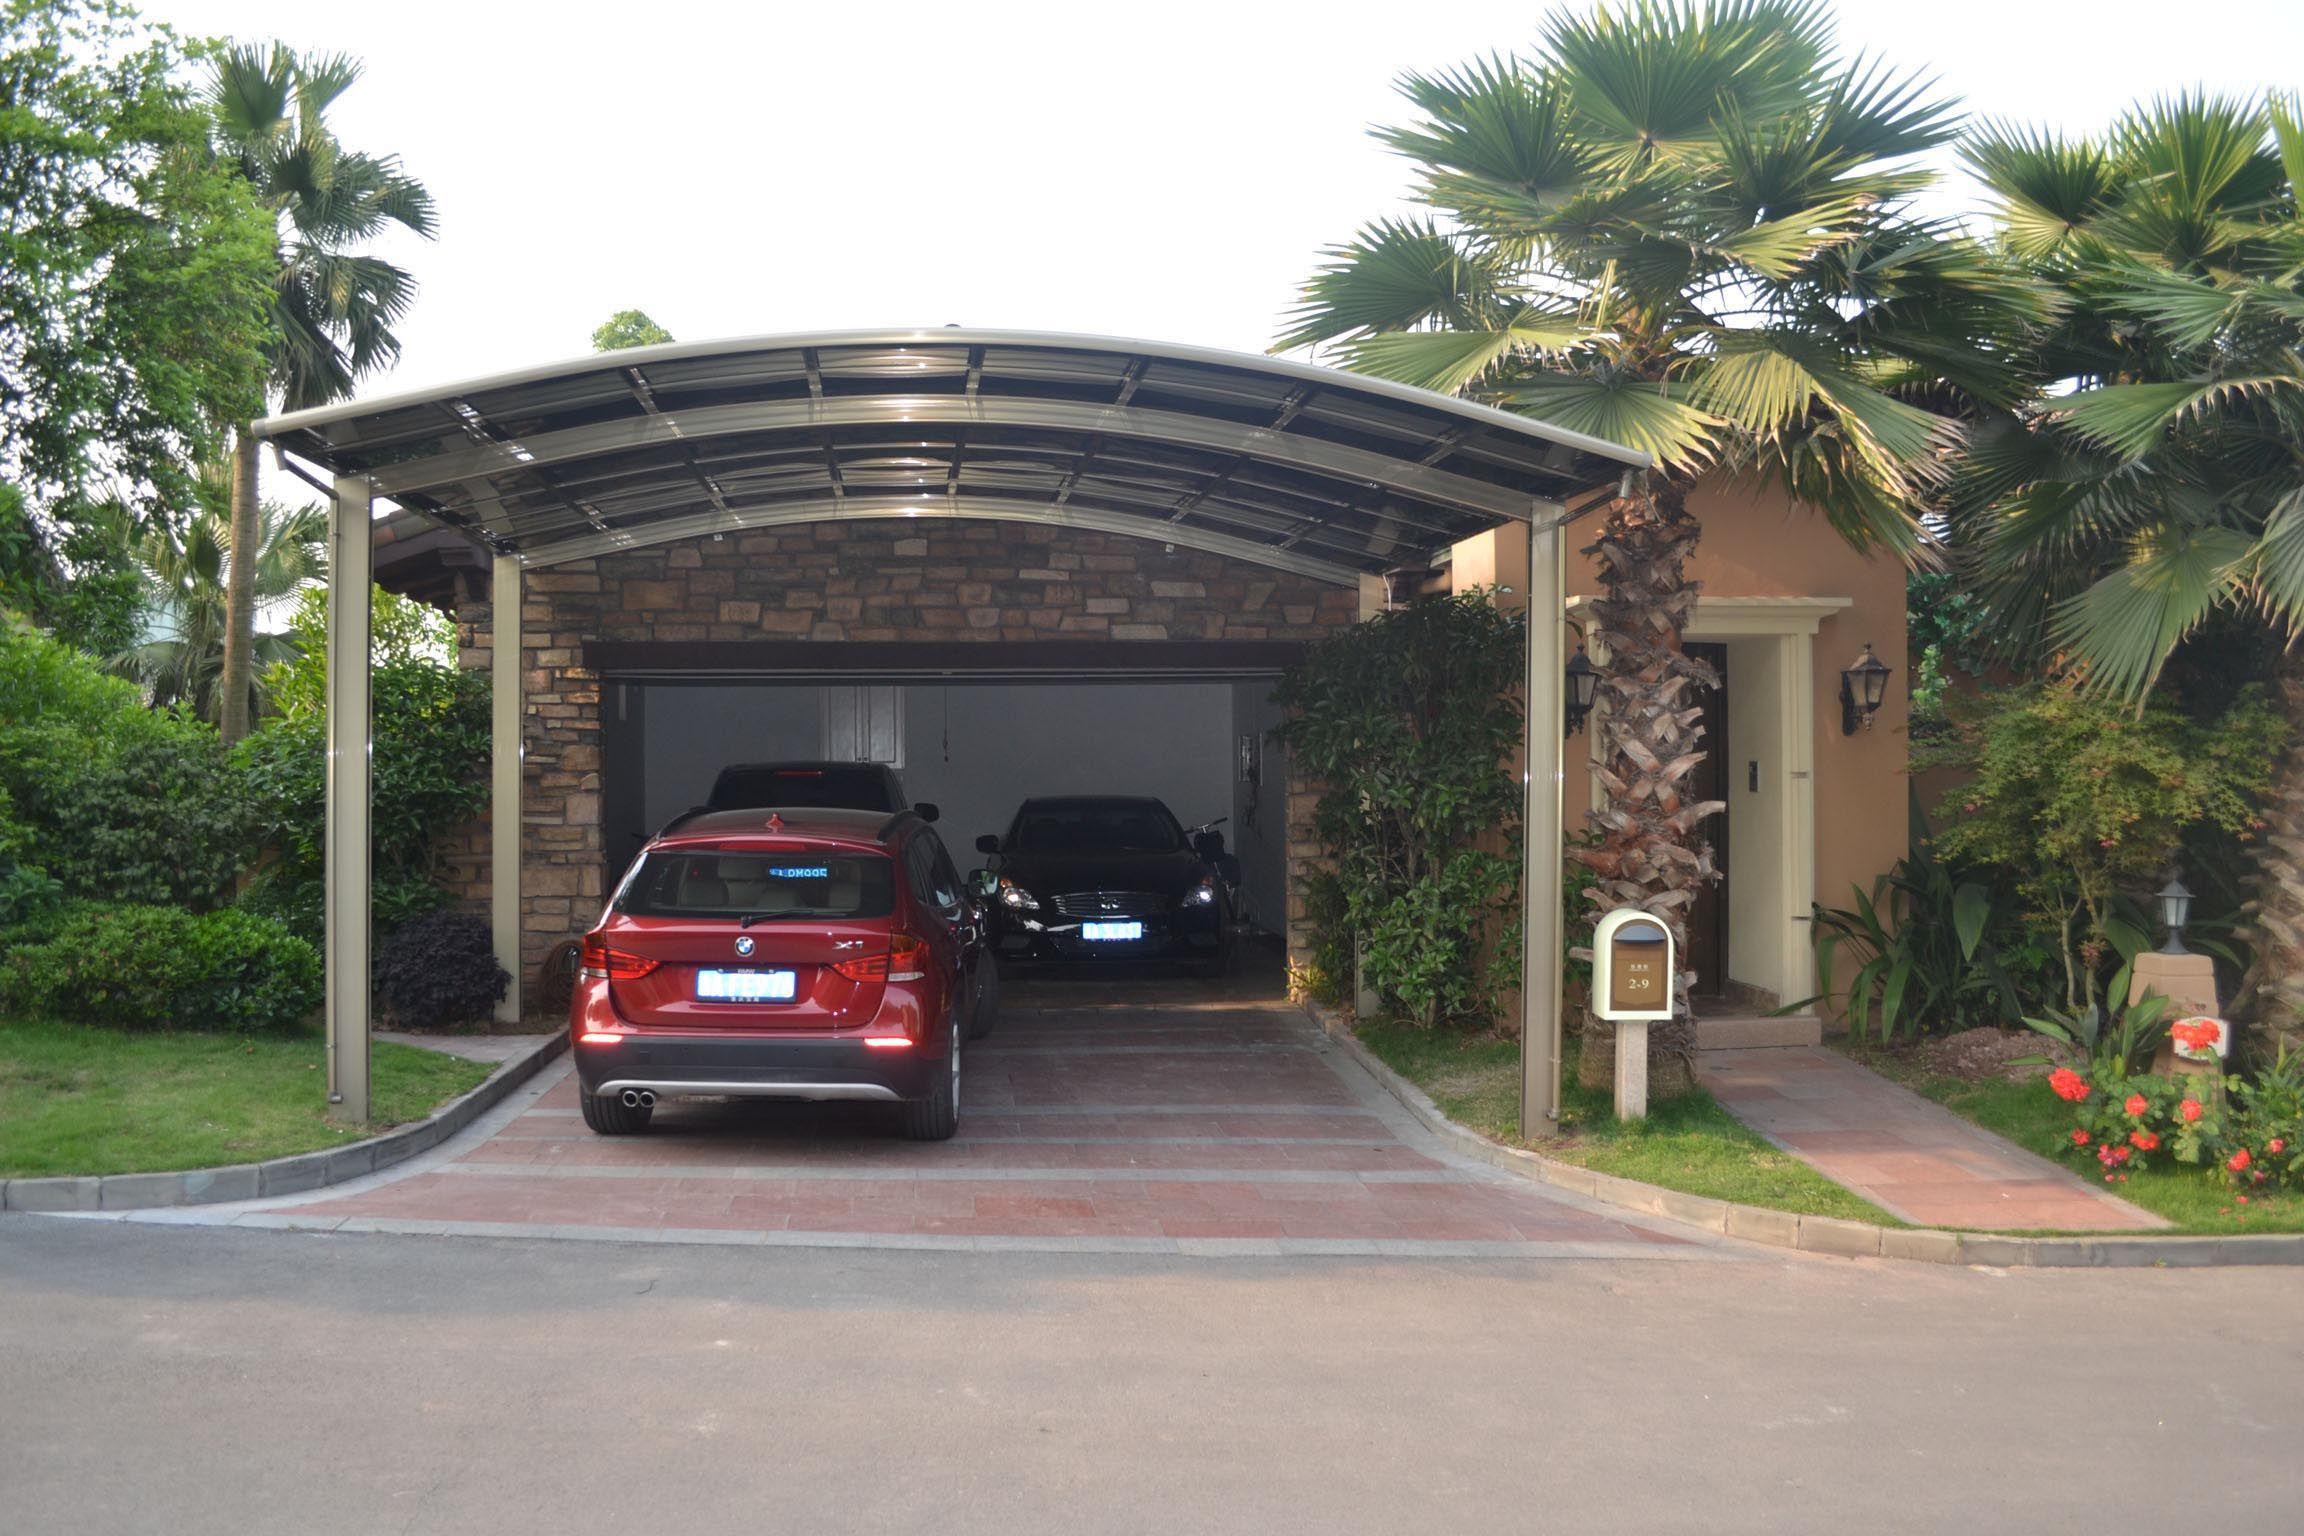 bozarc prix een aluminium carport beschermt je auto het. Black Bedroom Furniture Sets. Home Design Ideas